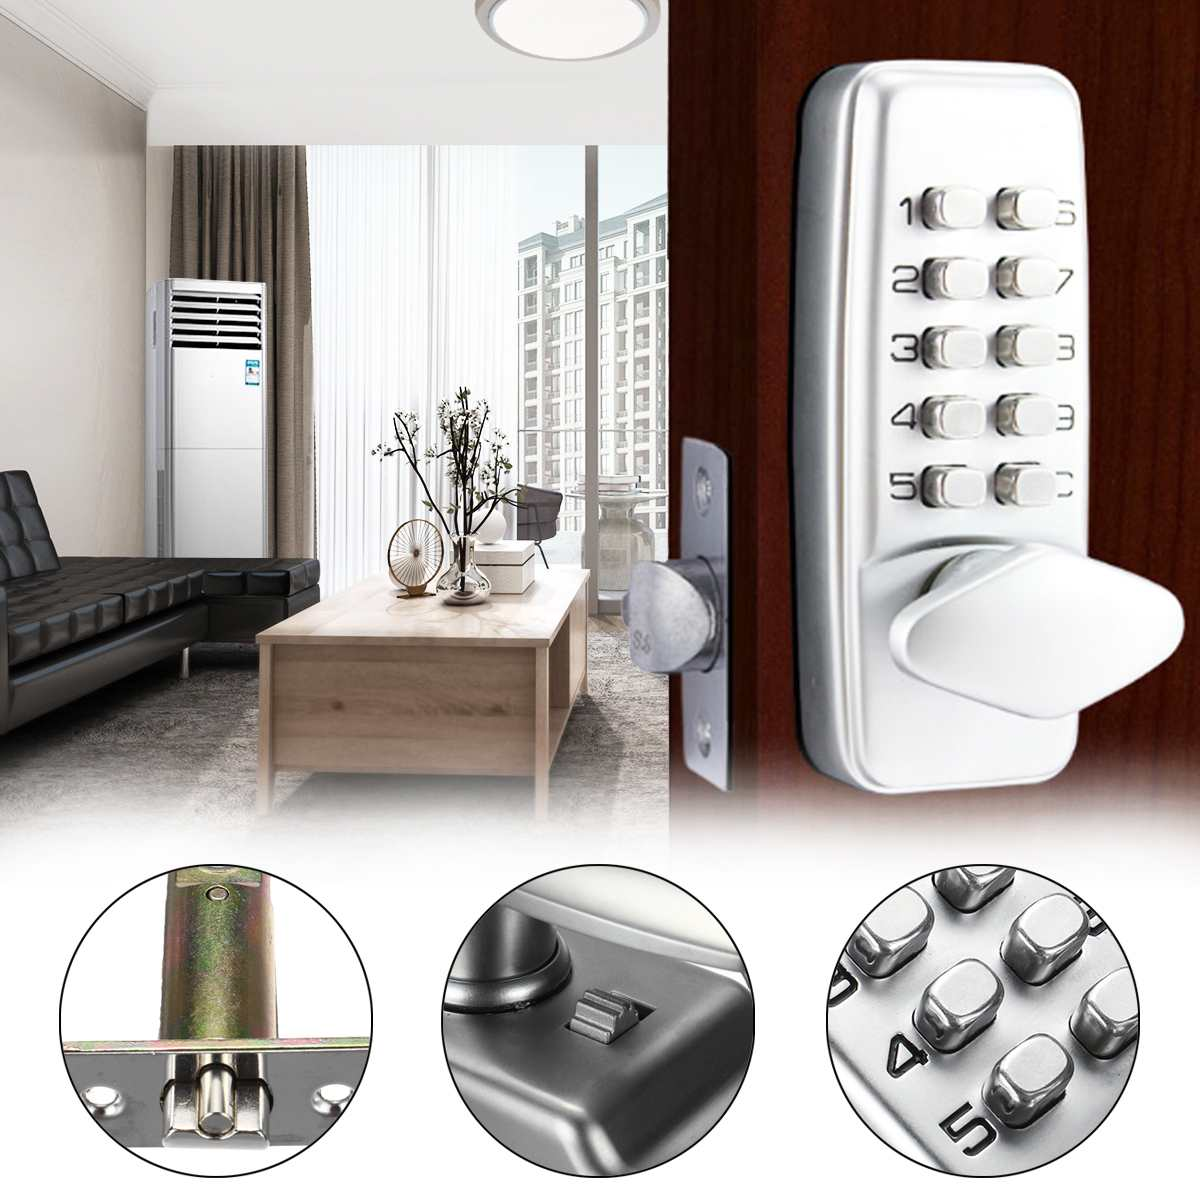 Serrure de porte mécanique étanche entrée sans clé serrure à combinaison extérieure serrures à Code numérique pour le matériel de meubles de maison